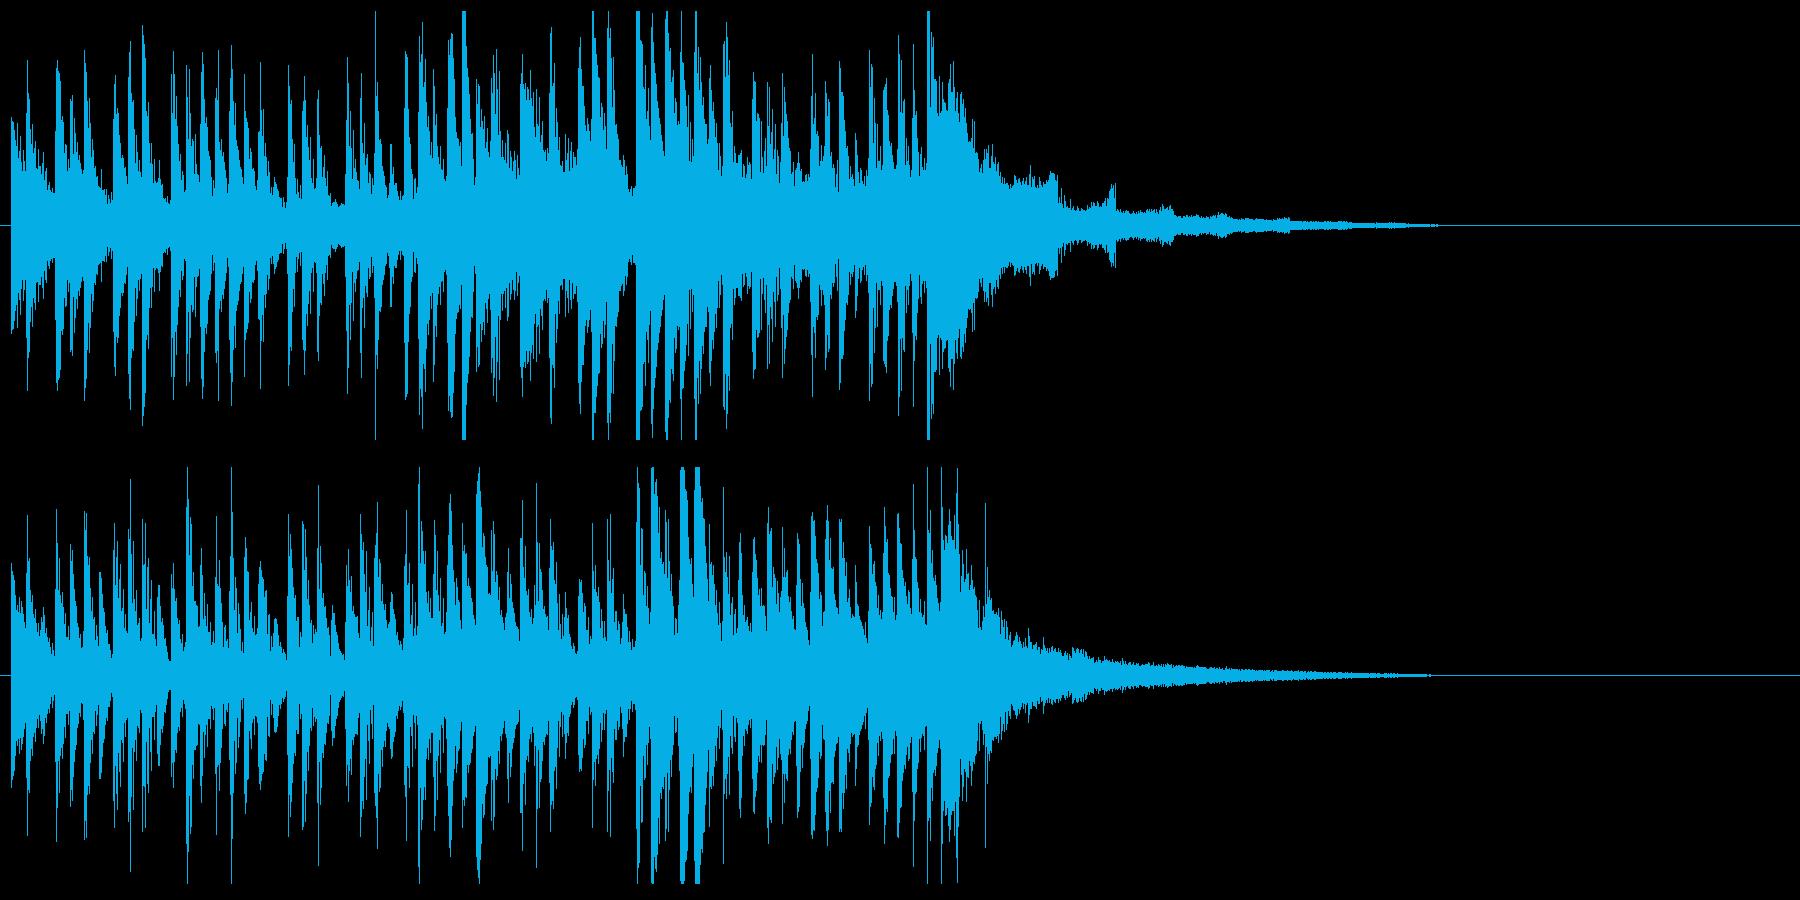 困難なミッションに挑むイメージ(15秒)の再生済みの波形